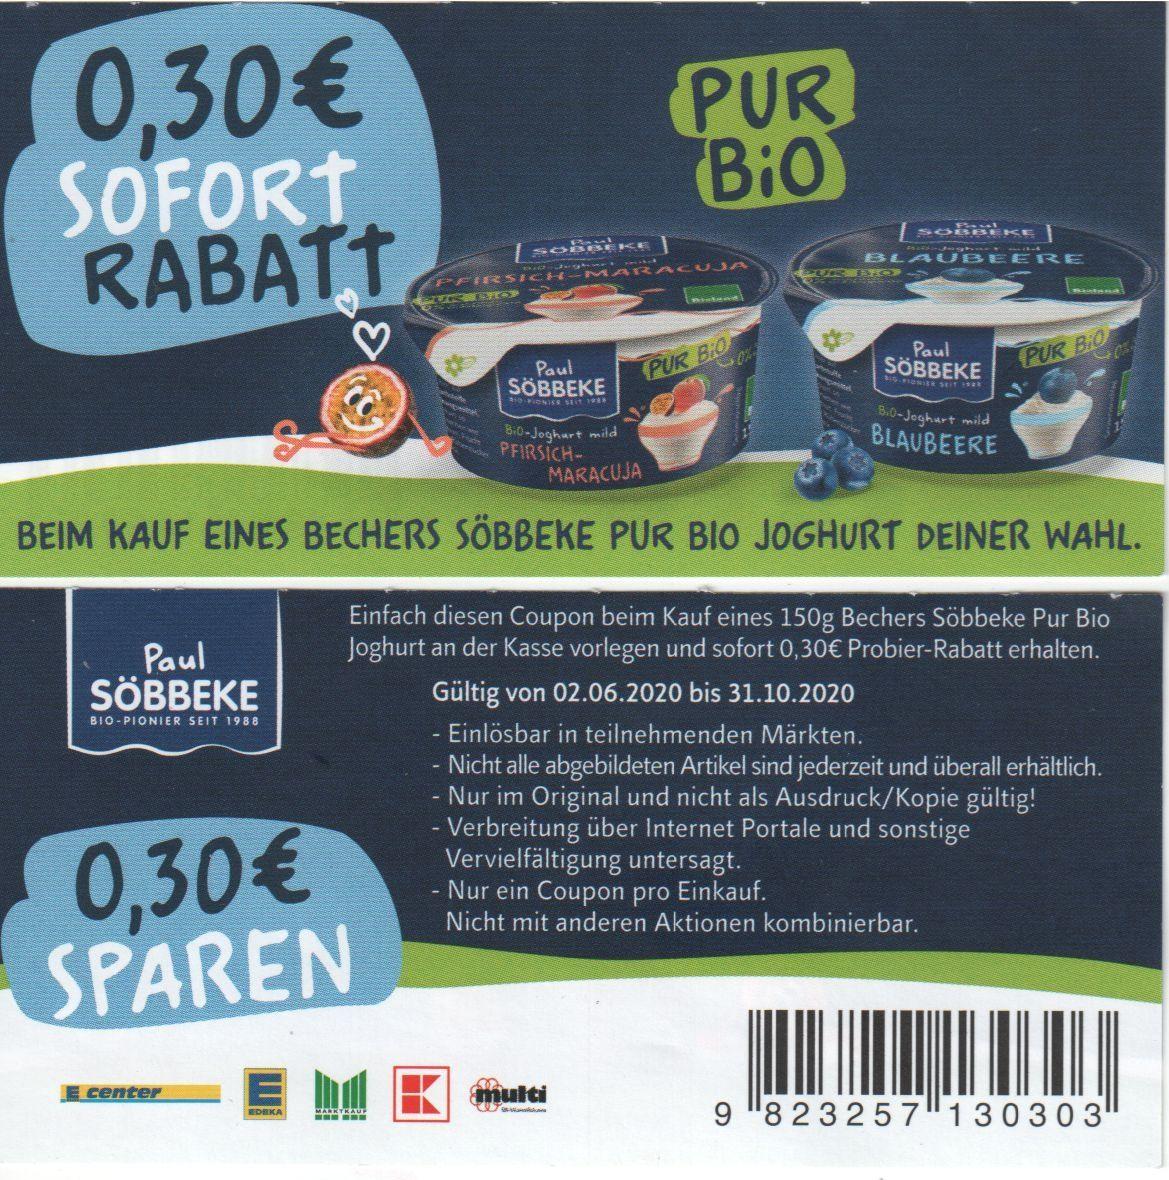 [Coupon] 0,30€ Rabatt beim Kauf eines Söbbeke Pur Bio Joghurt 150g Deiner Wahl gültig bis zum 31.10.2020